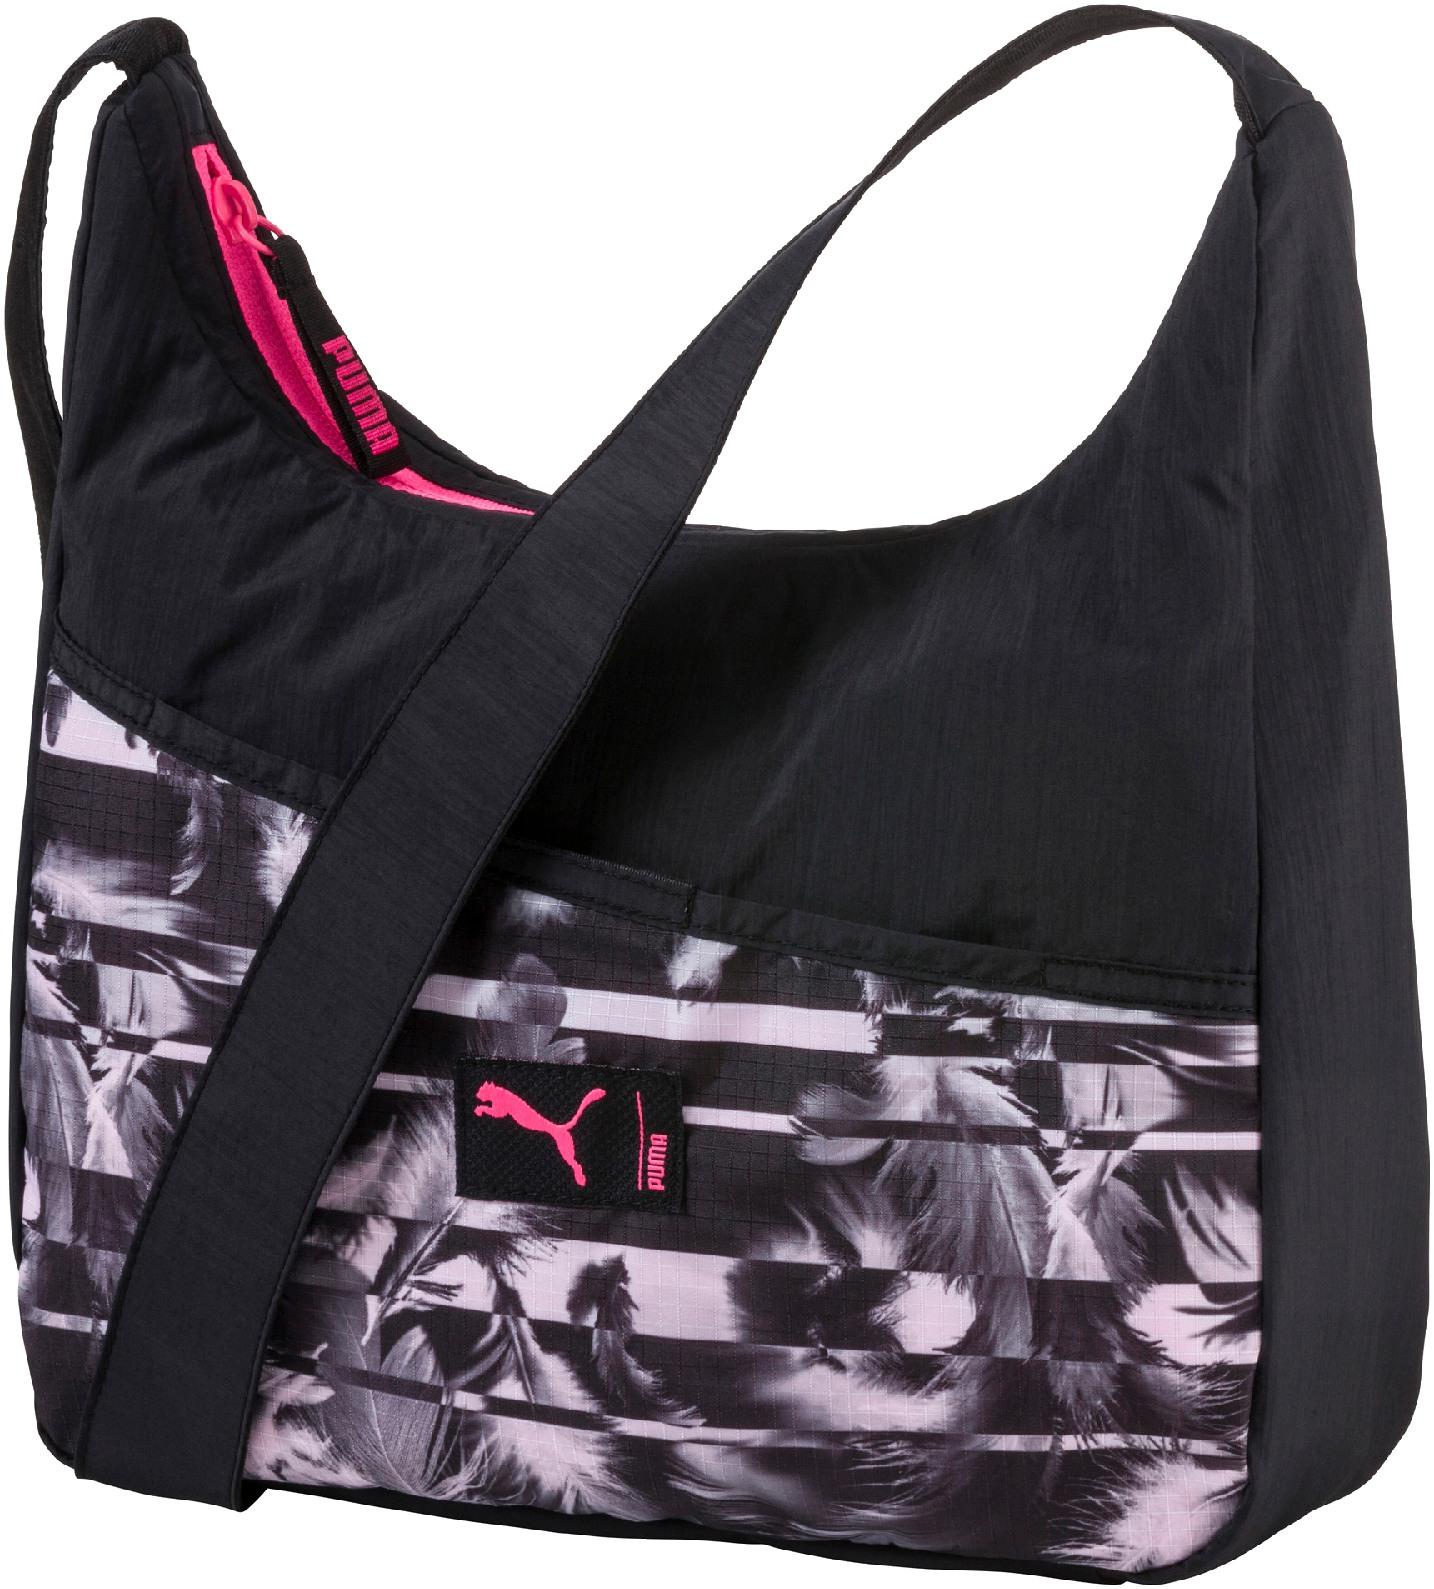 104a2bd97444d Dámska taška Puma Studio Small Shoulder Bag W čierna | AD Sport.sk